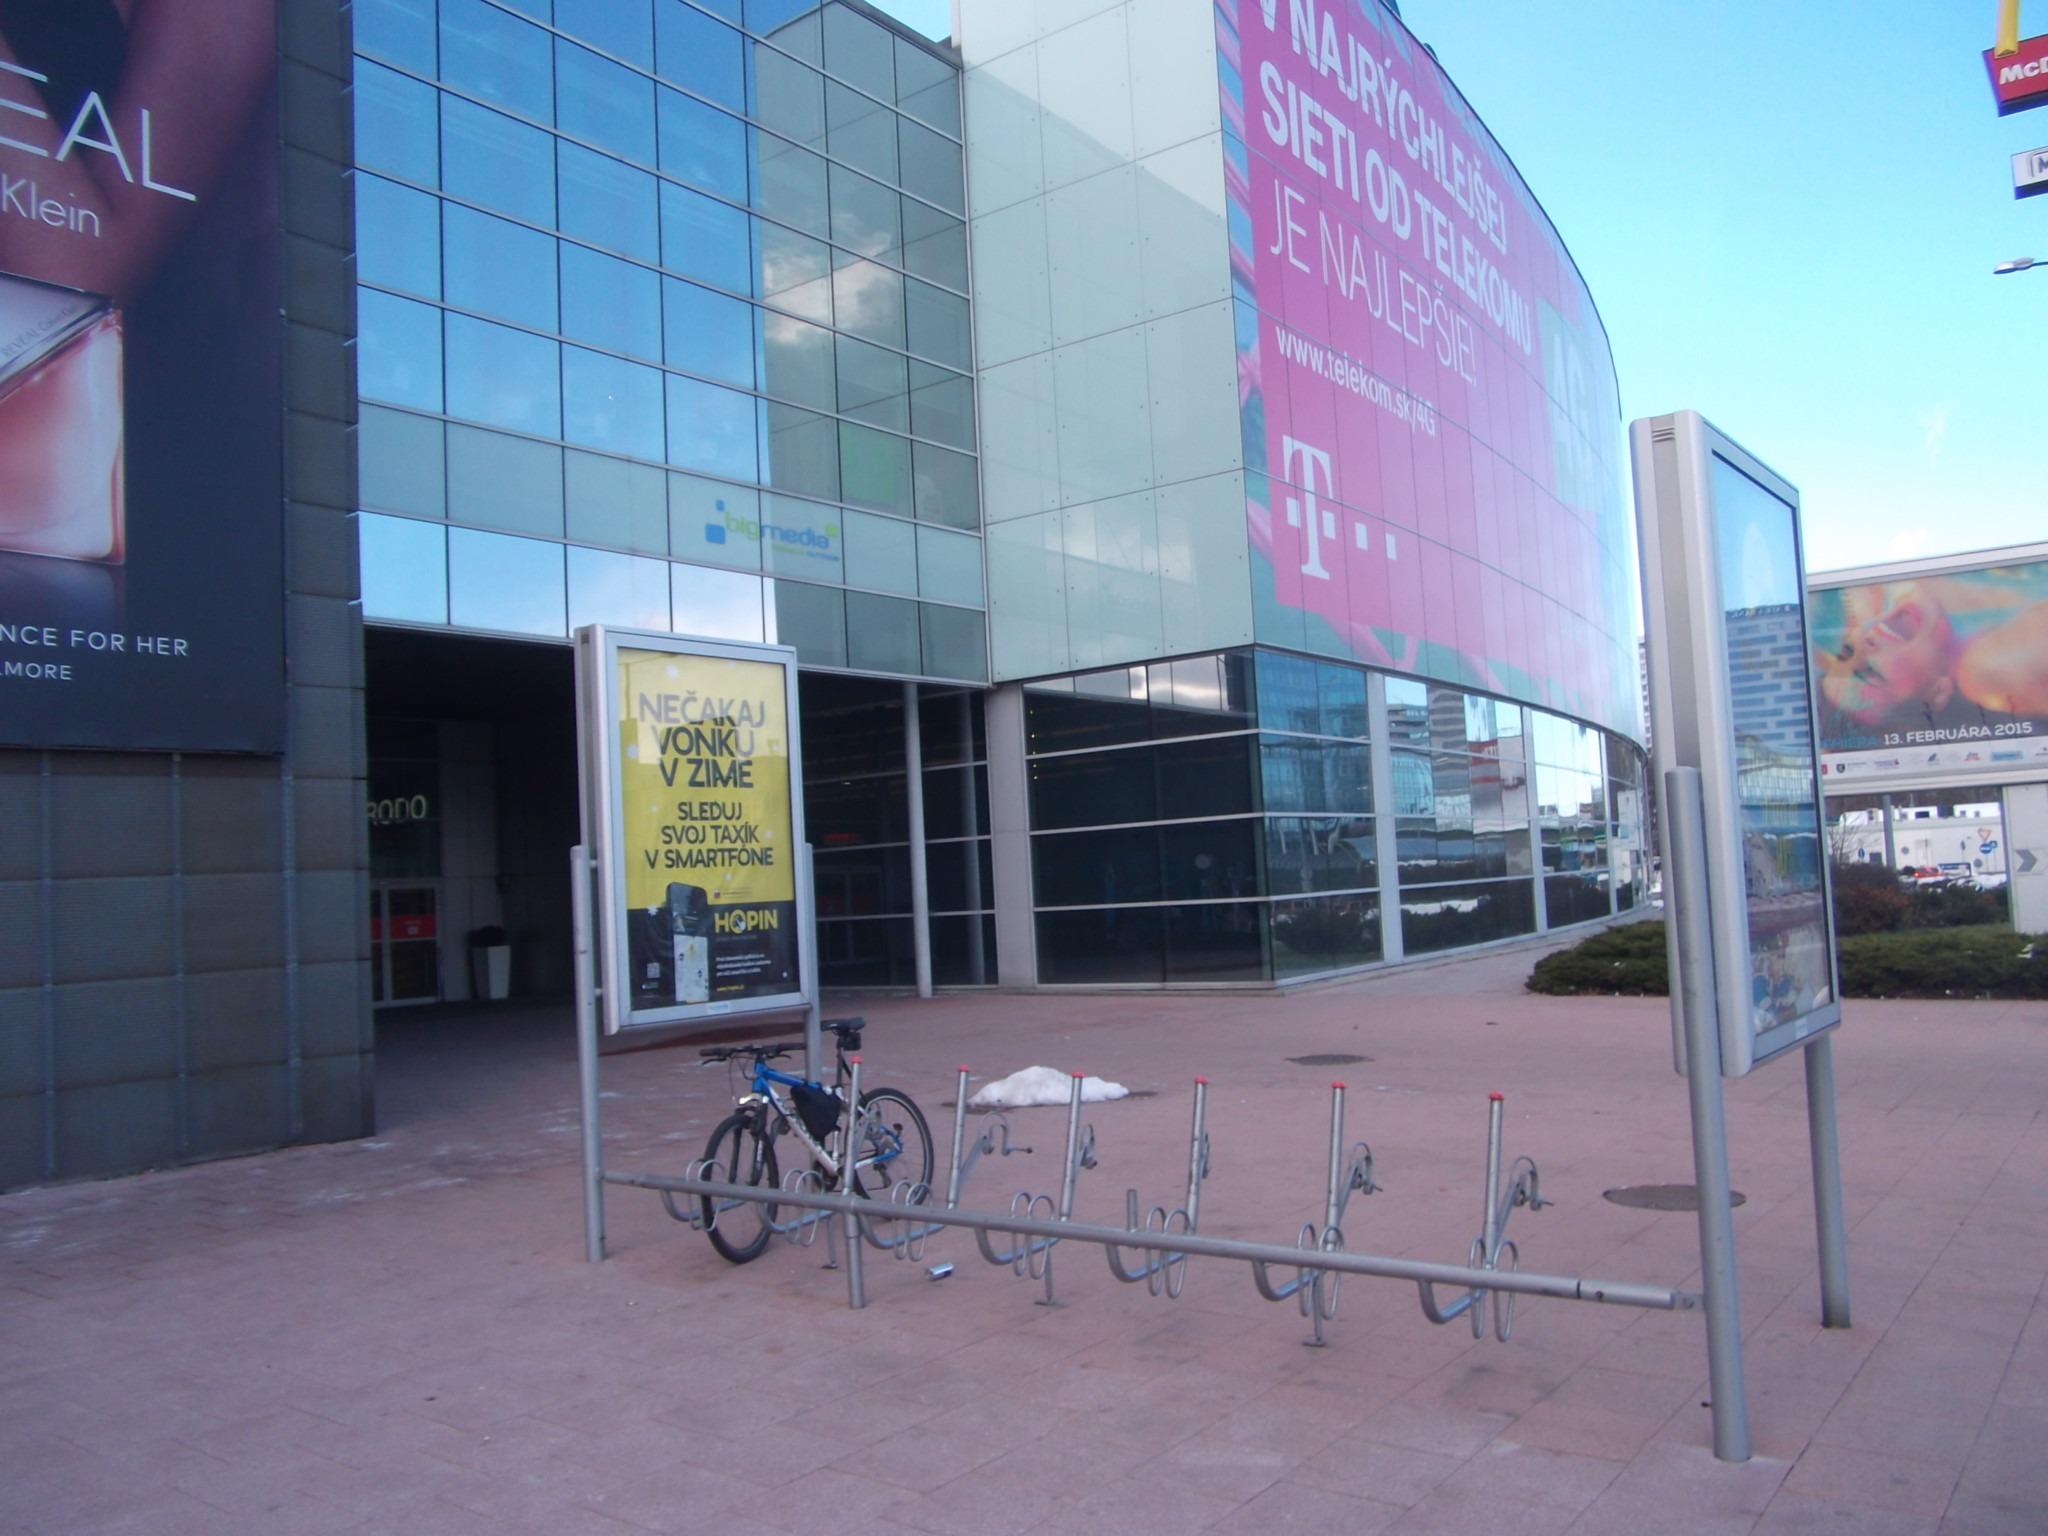 972b2f757 Parkovanie bicyklov pred veľkými nákupnými centramiCyklokoalícia ...